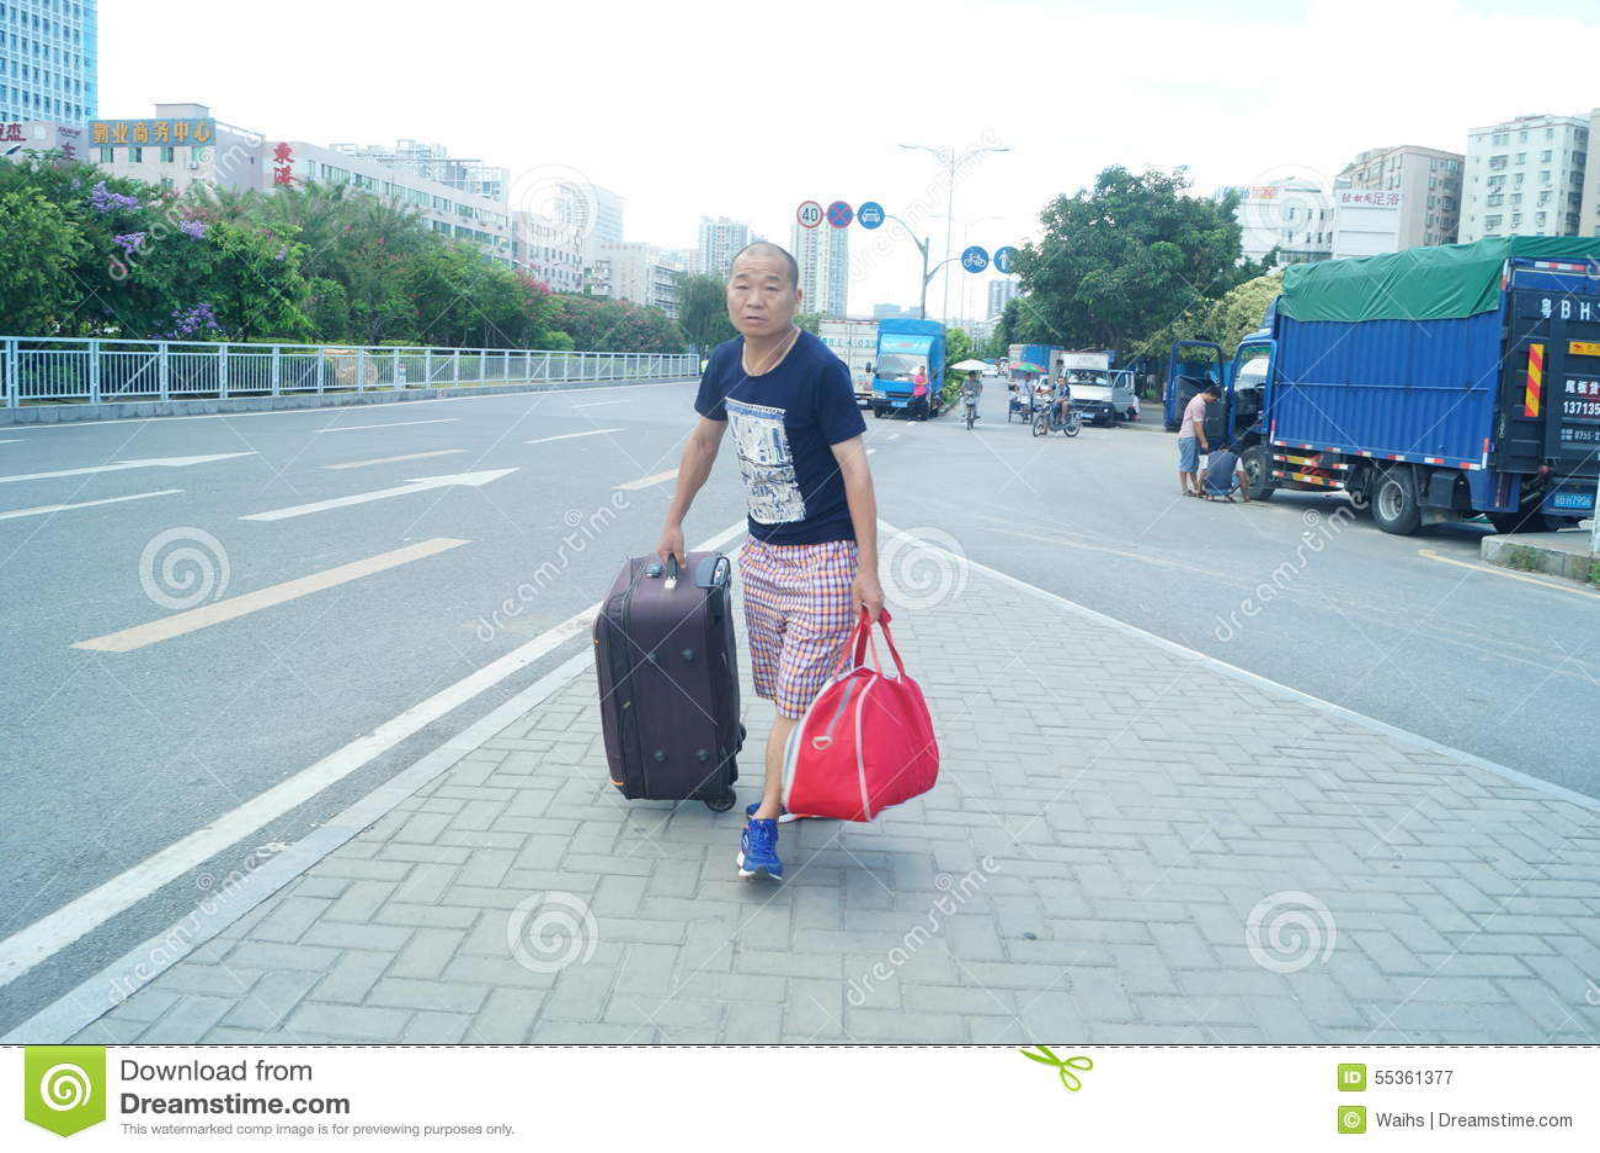 Paesaggio di traffico urbano, a Shenzhen, la Cina